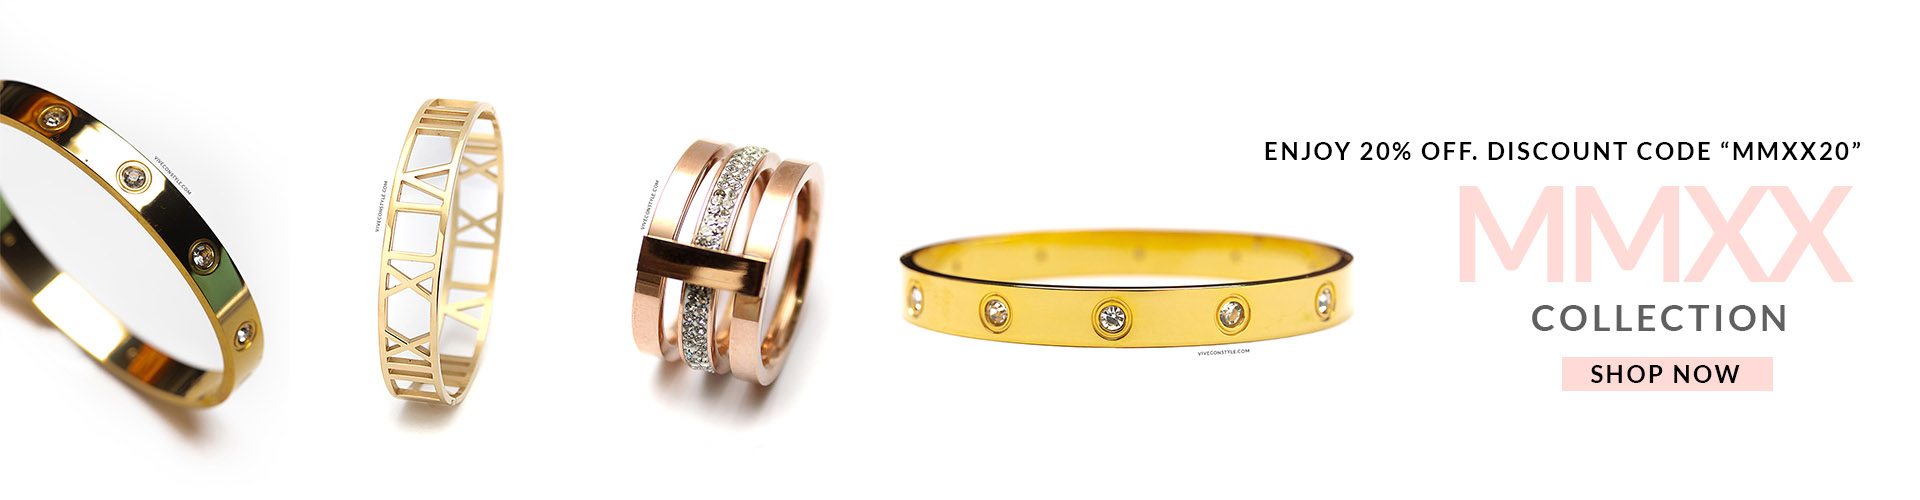 Vive con style jewellery